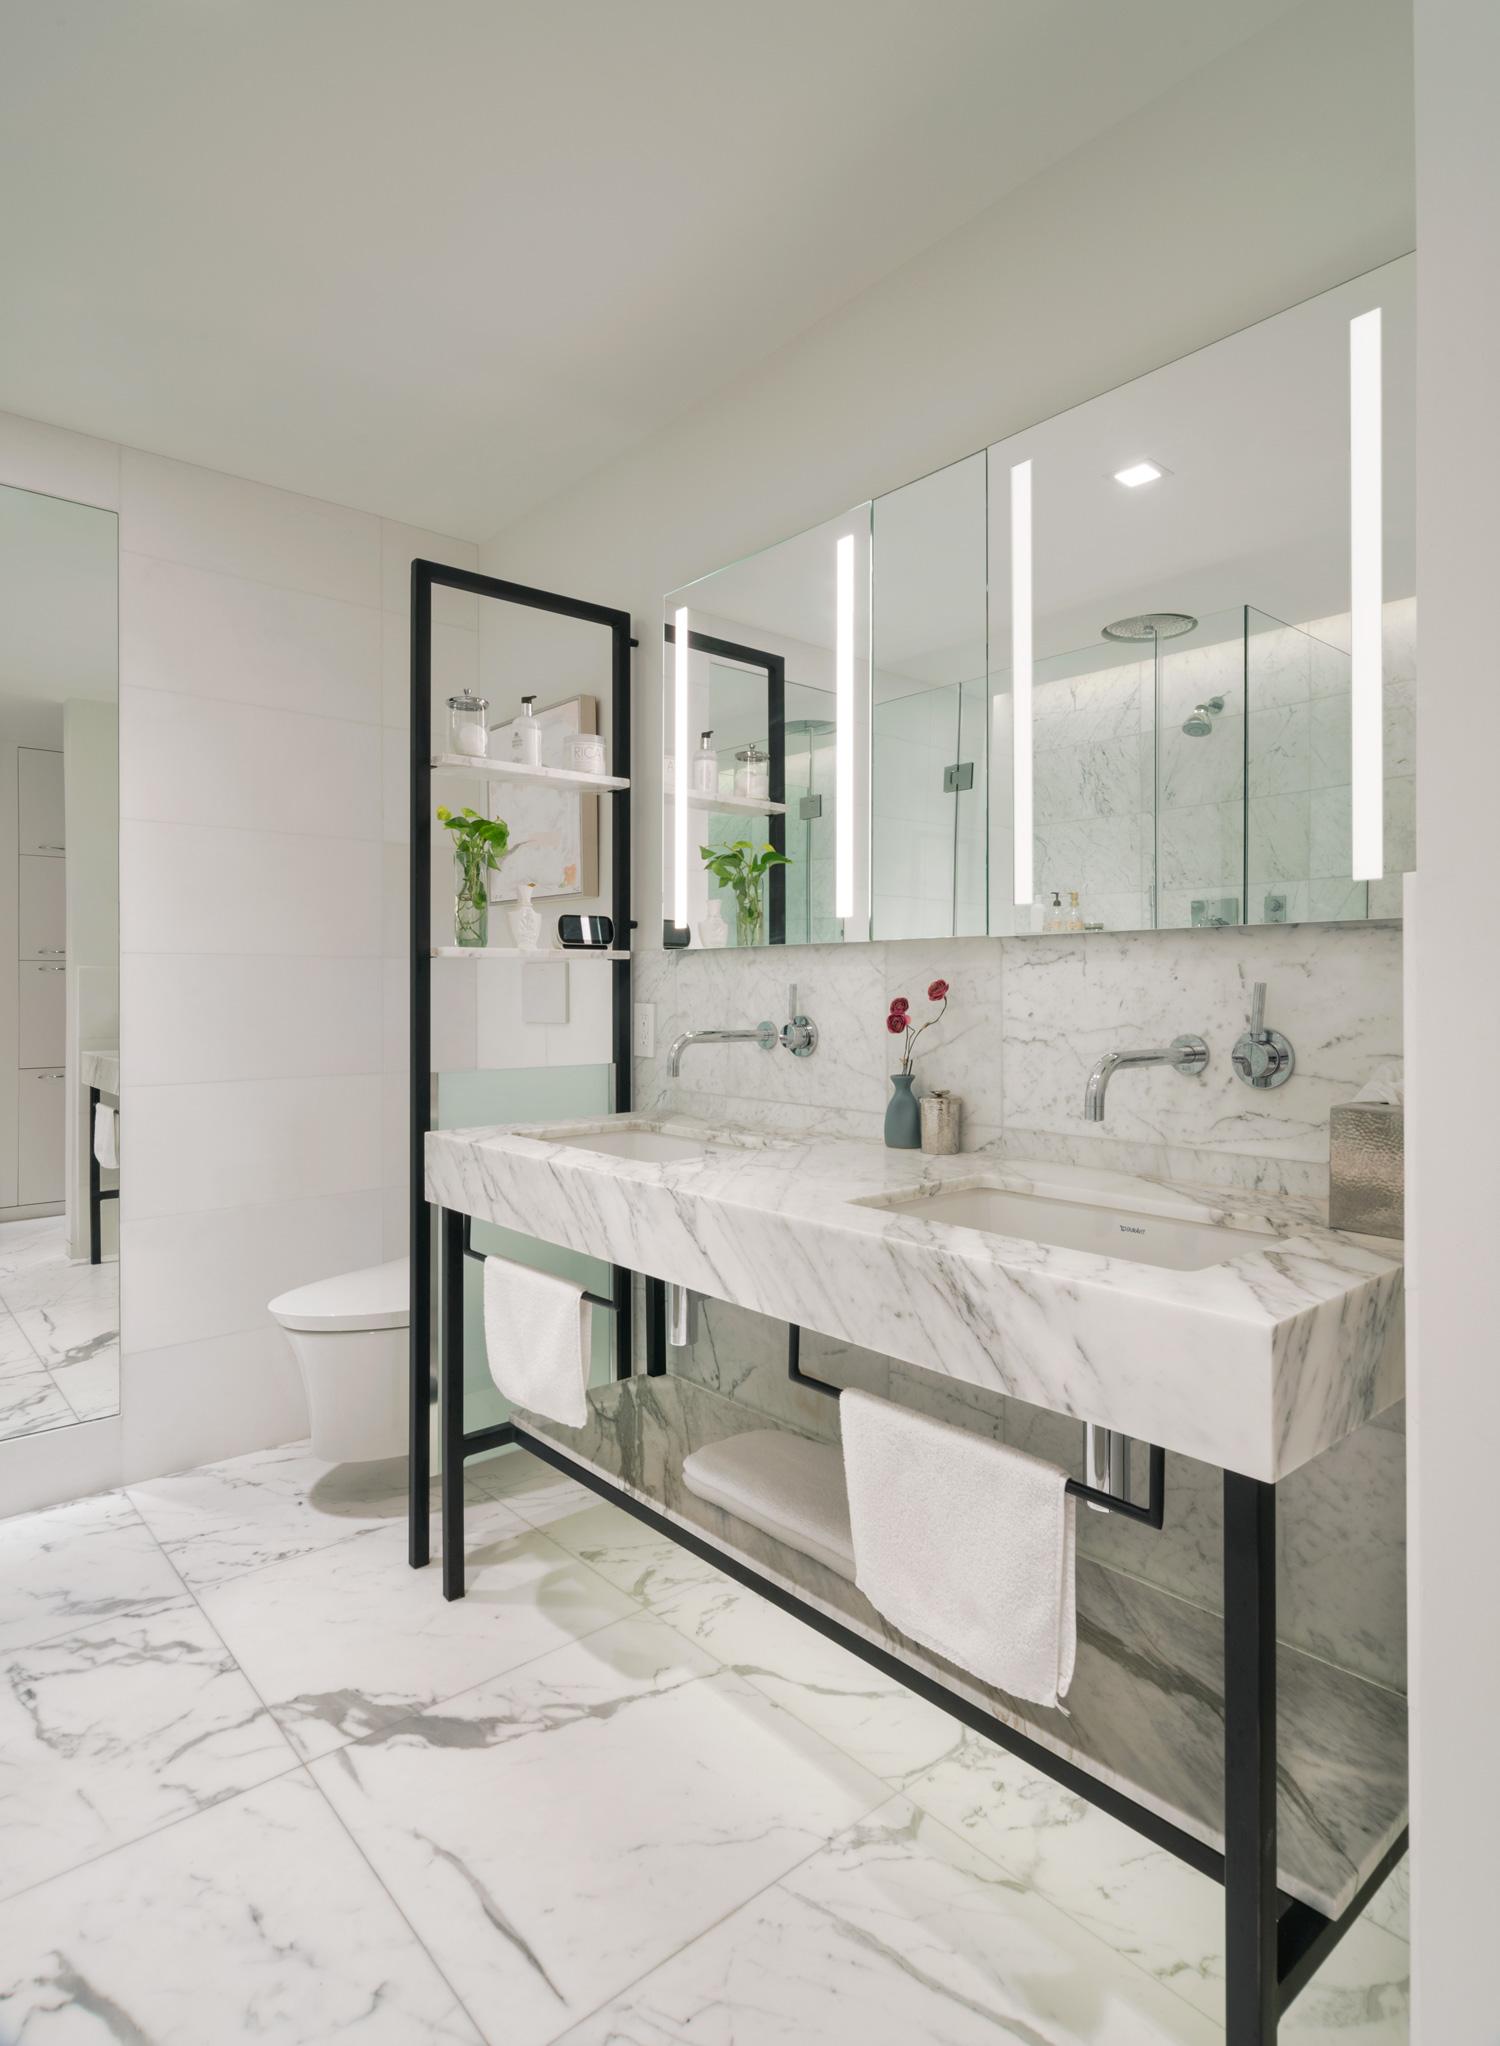 new-york-architect-adi-gershoni-master-bathroom-5.jpg